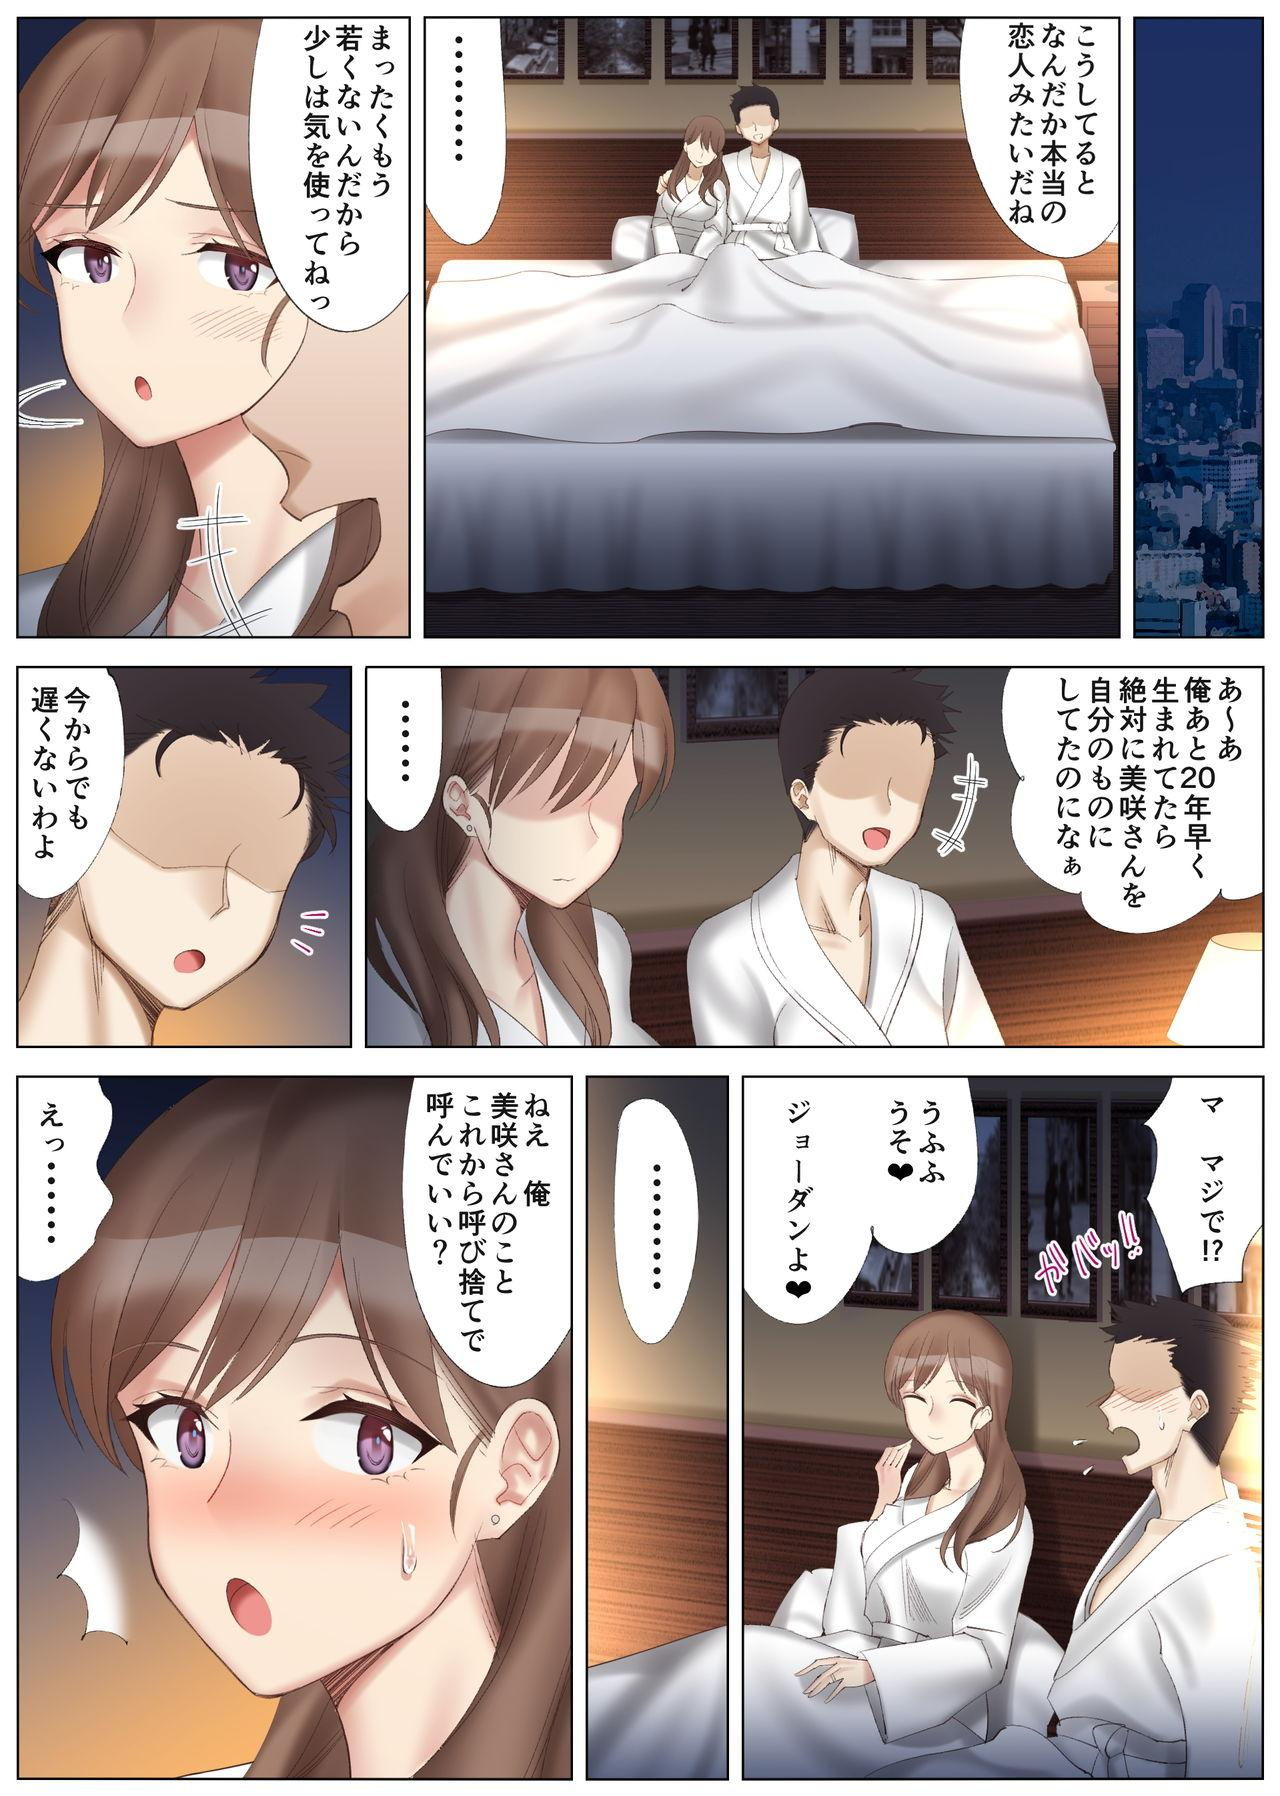 Boku to Kanojo no Okaa-san to Manatsu no Yoru no Mikkai 30